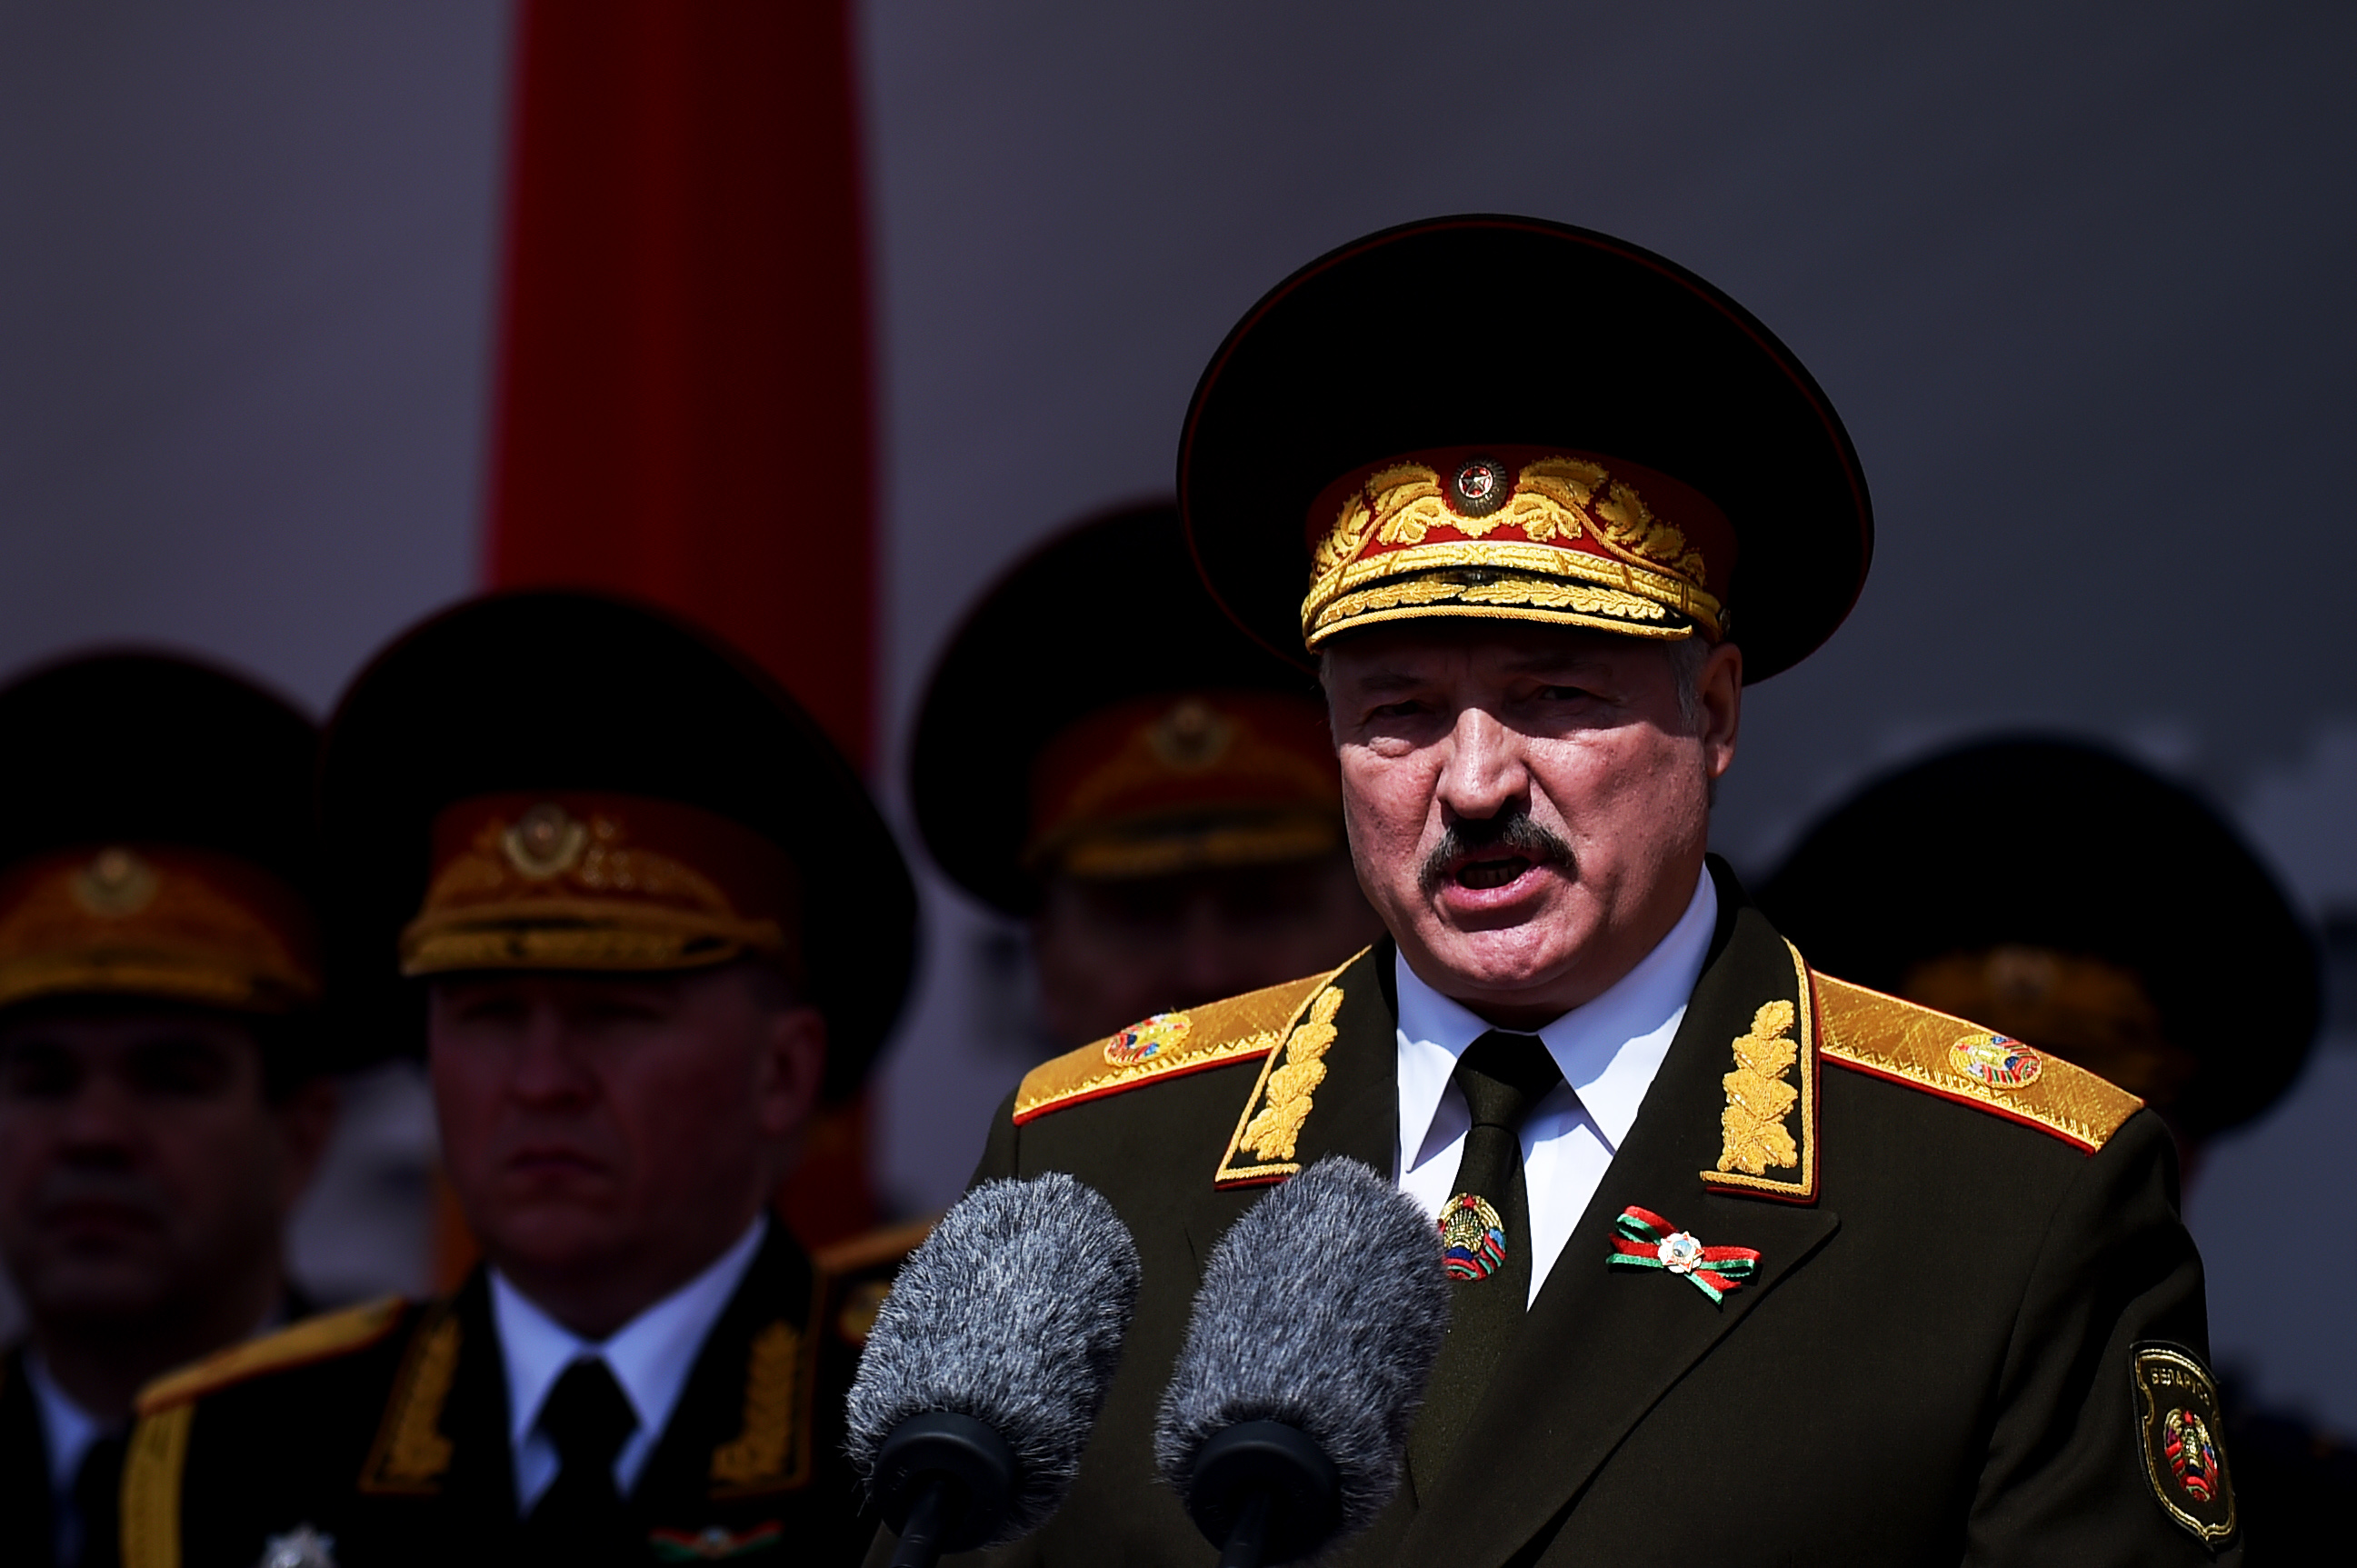 Lukasenka a nemzetbiztonsági tanácsra ruházza a jogköreit, ha valami történik vele